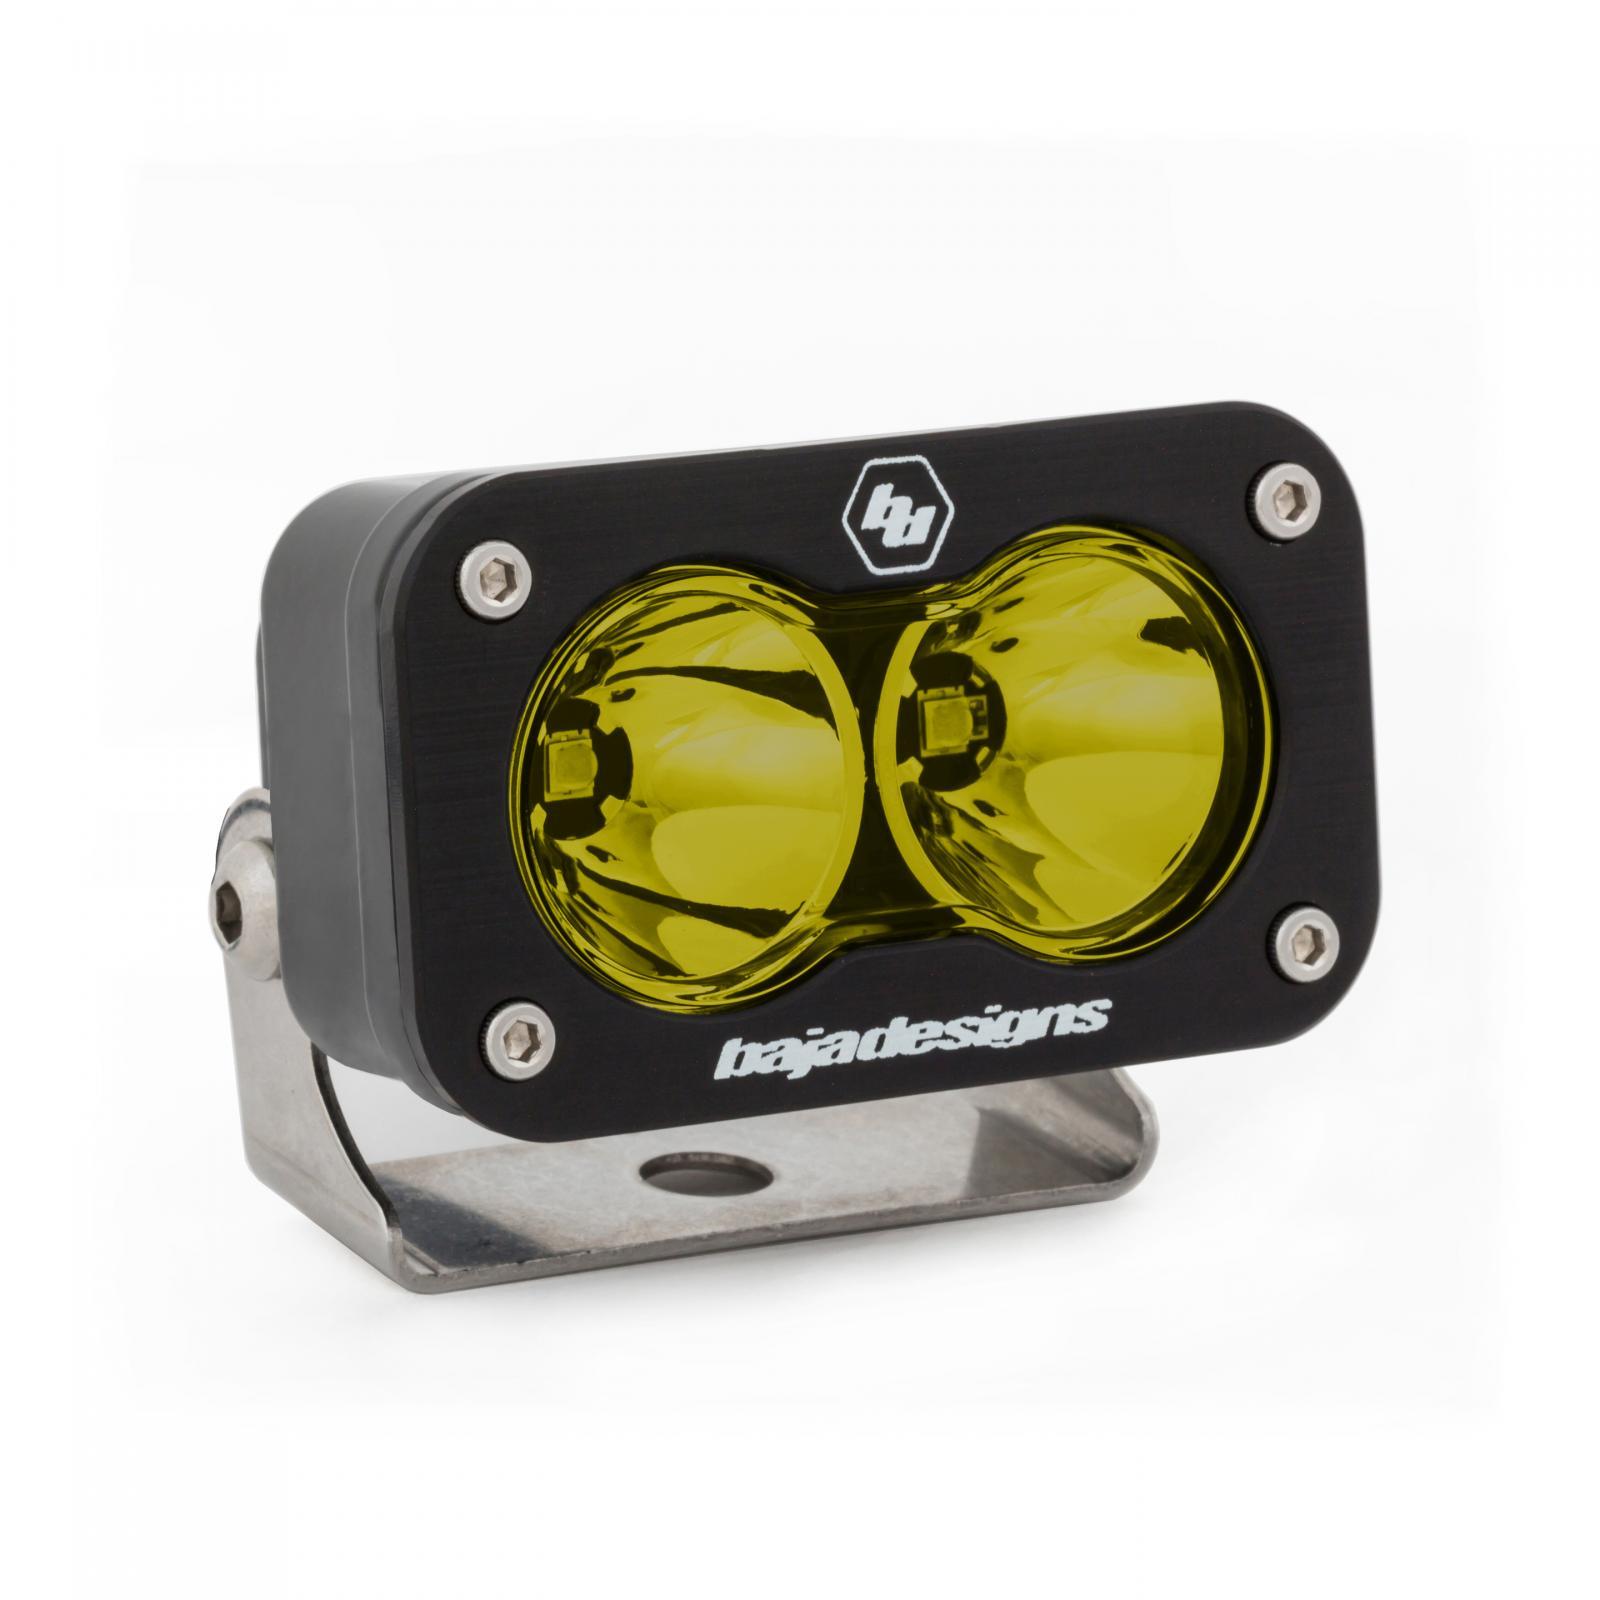 Baja Designs LED Work Light Amber Lens Spot Pattern Each S2 Sport